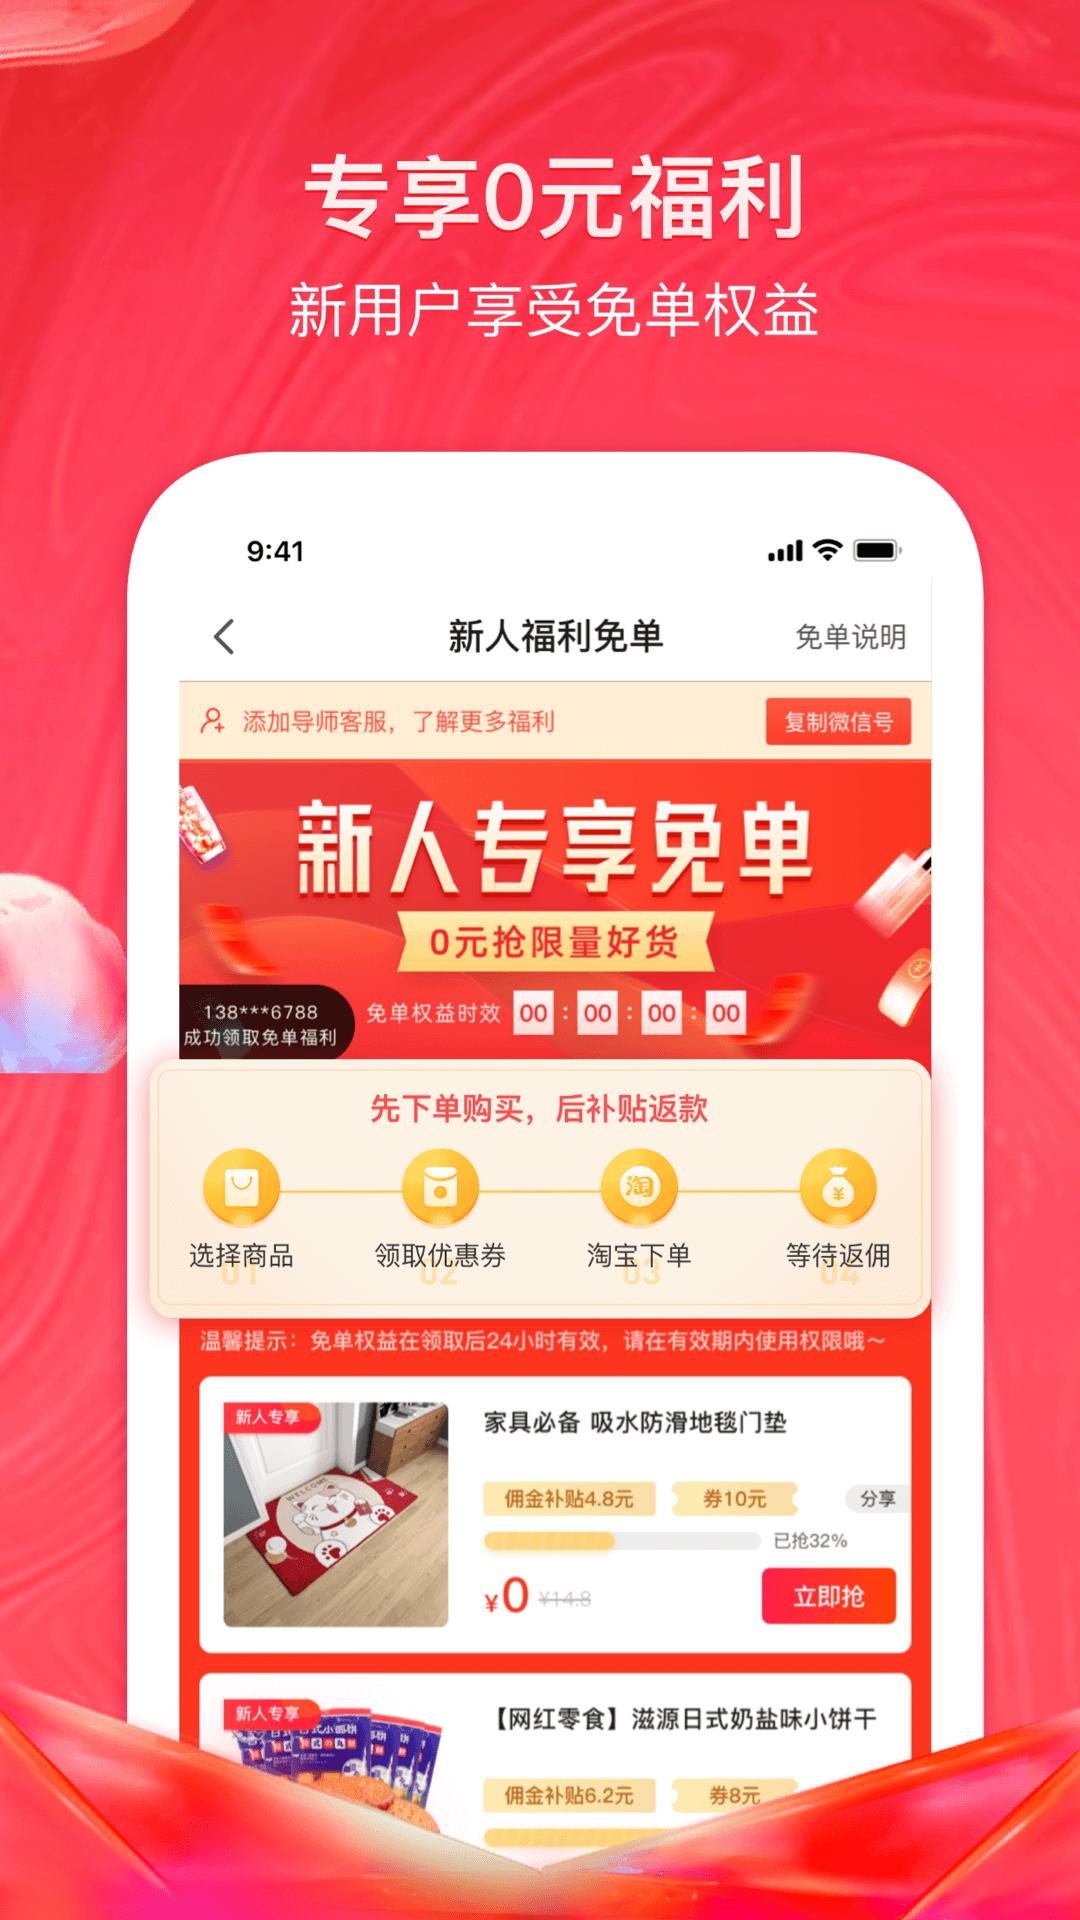 美逛app官网下载 - 美逛软件真的可以赚钱吗